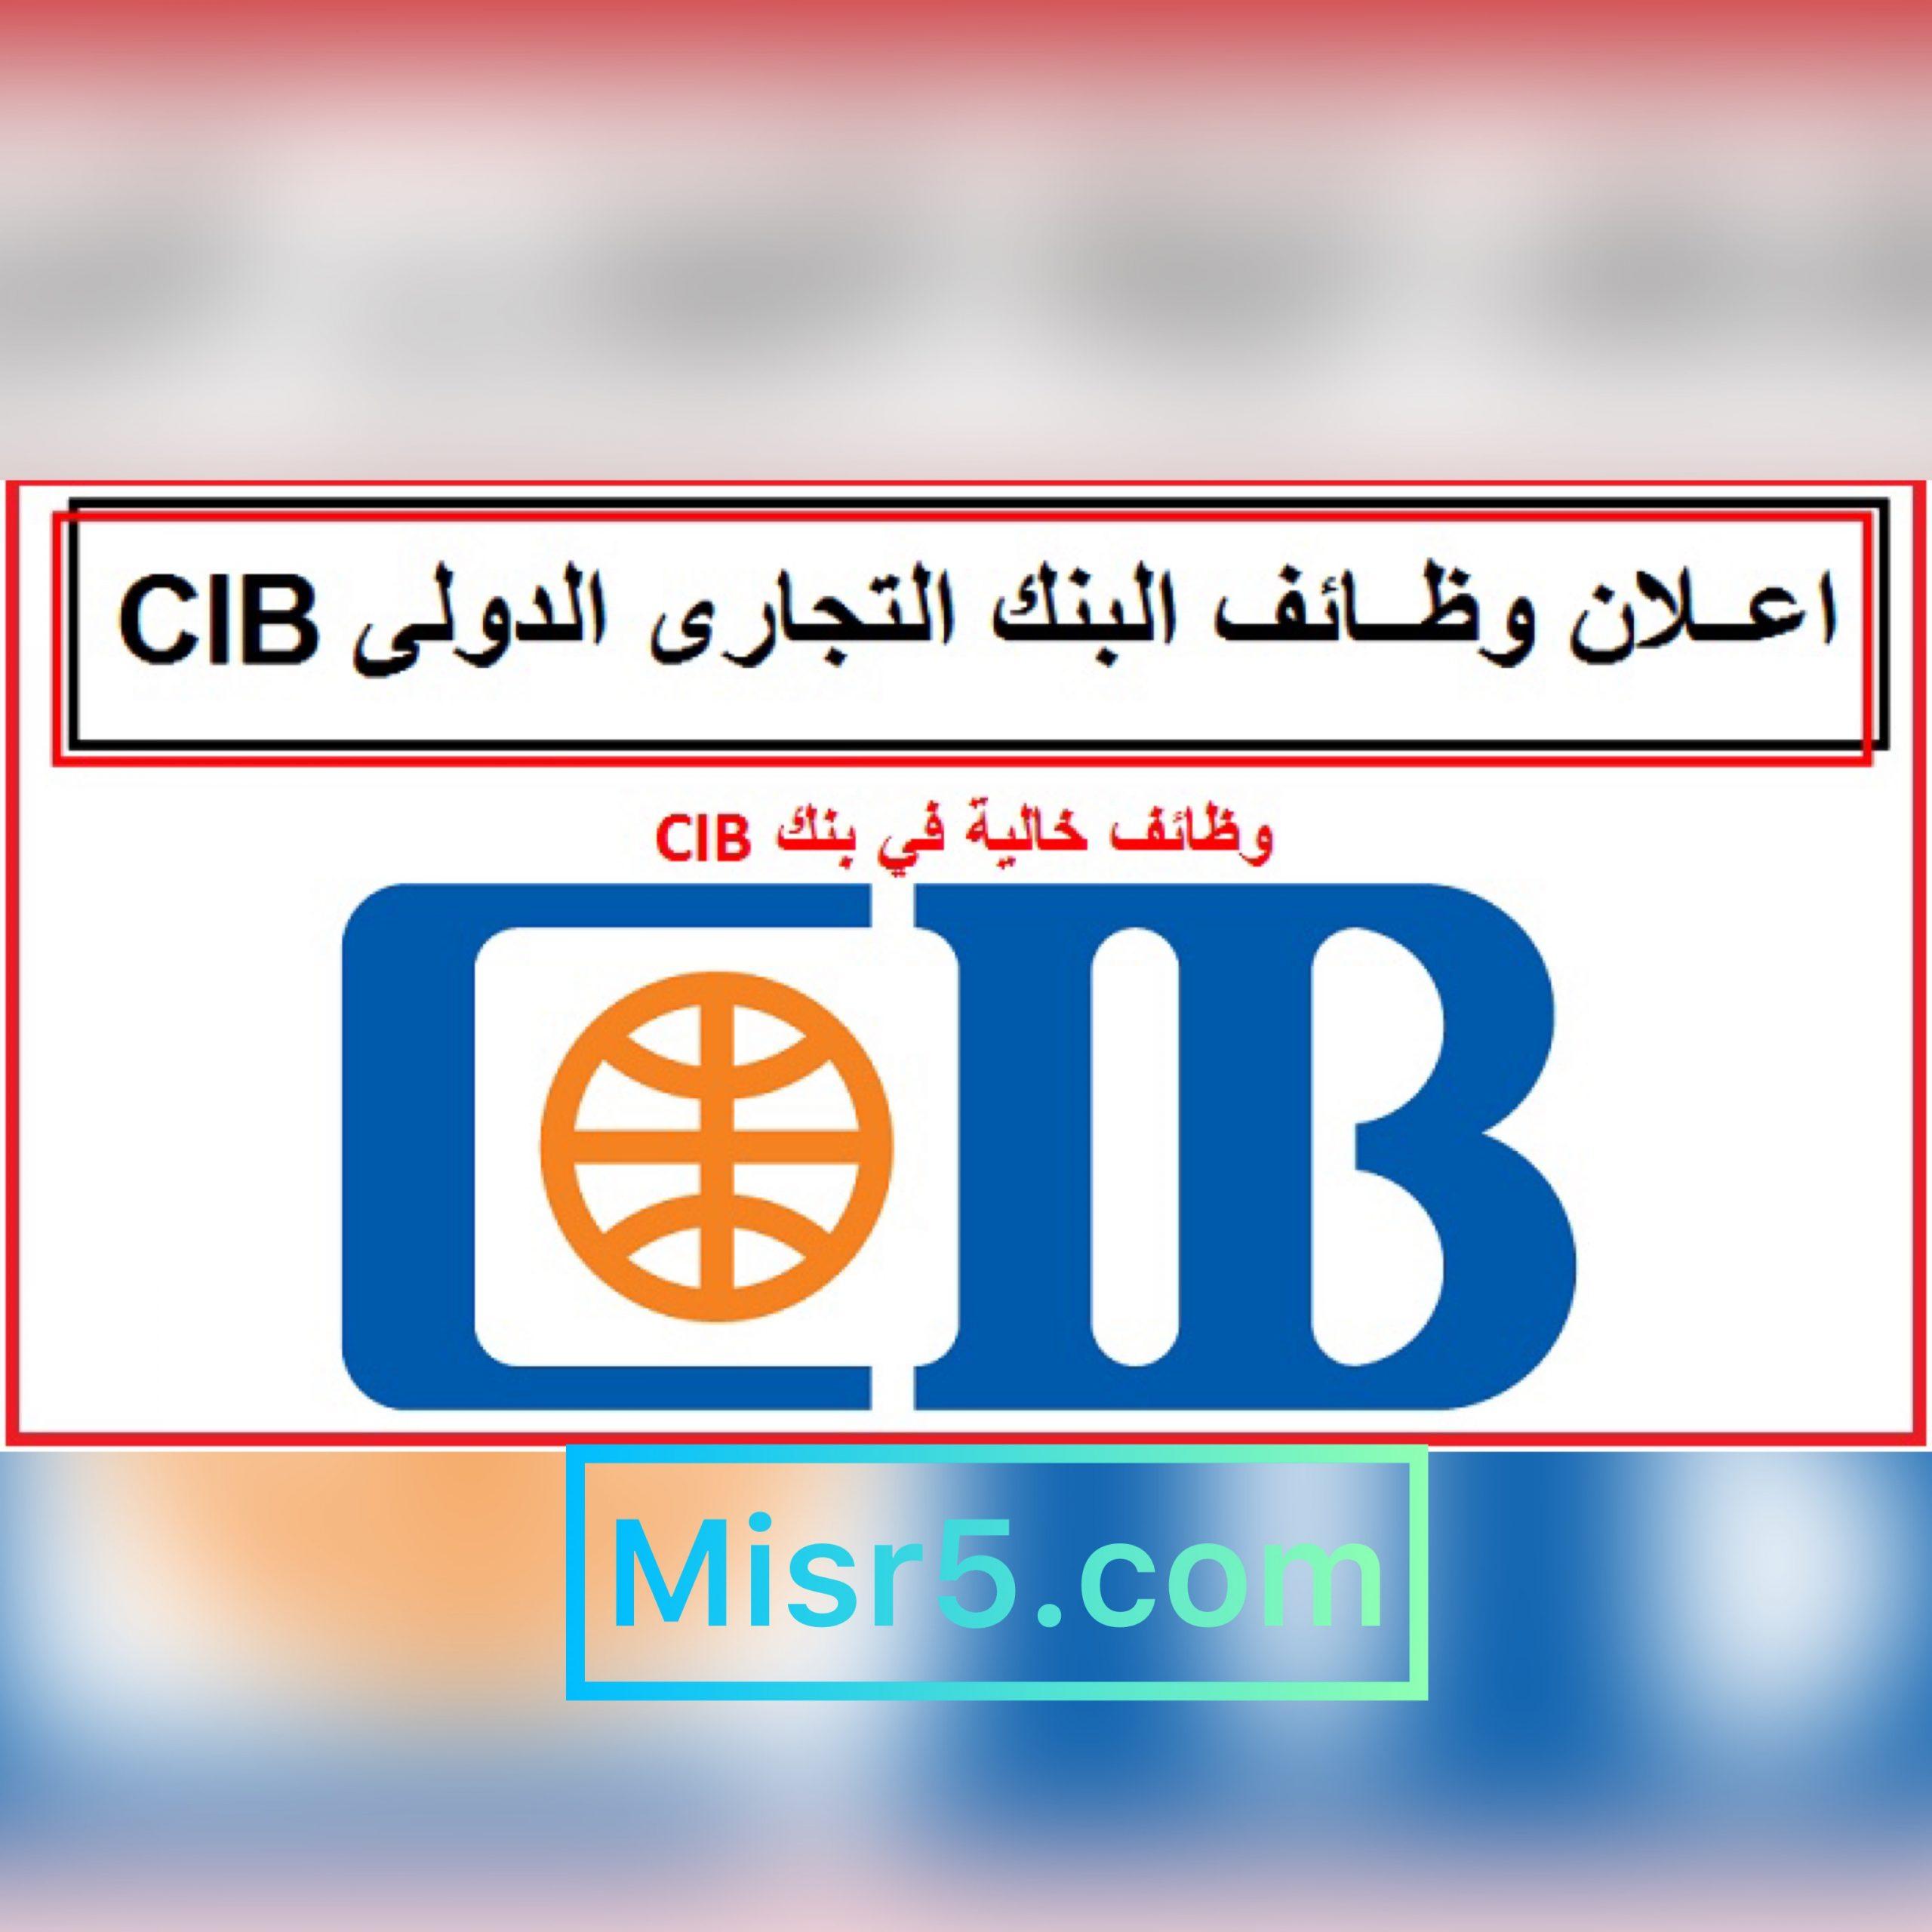 وظائف بنك cib لحديثي التخرج 2021- تابع الشروط والتخصصات ألمطلوبة